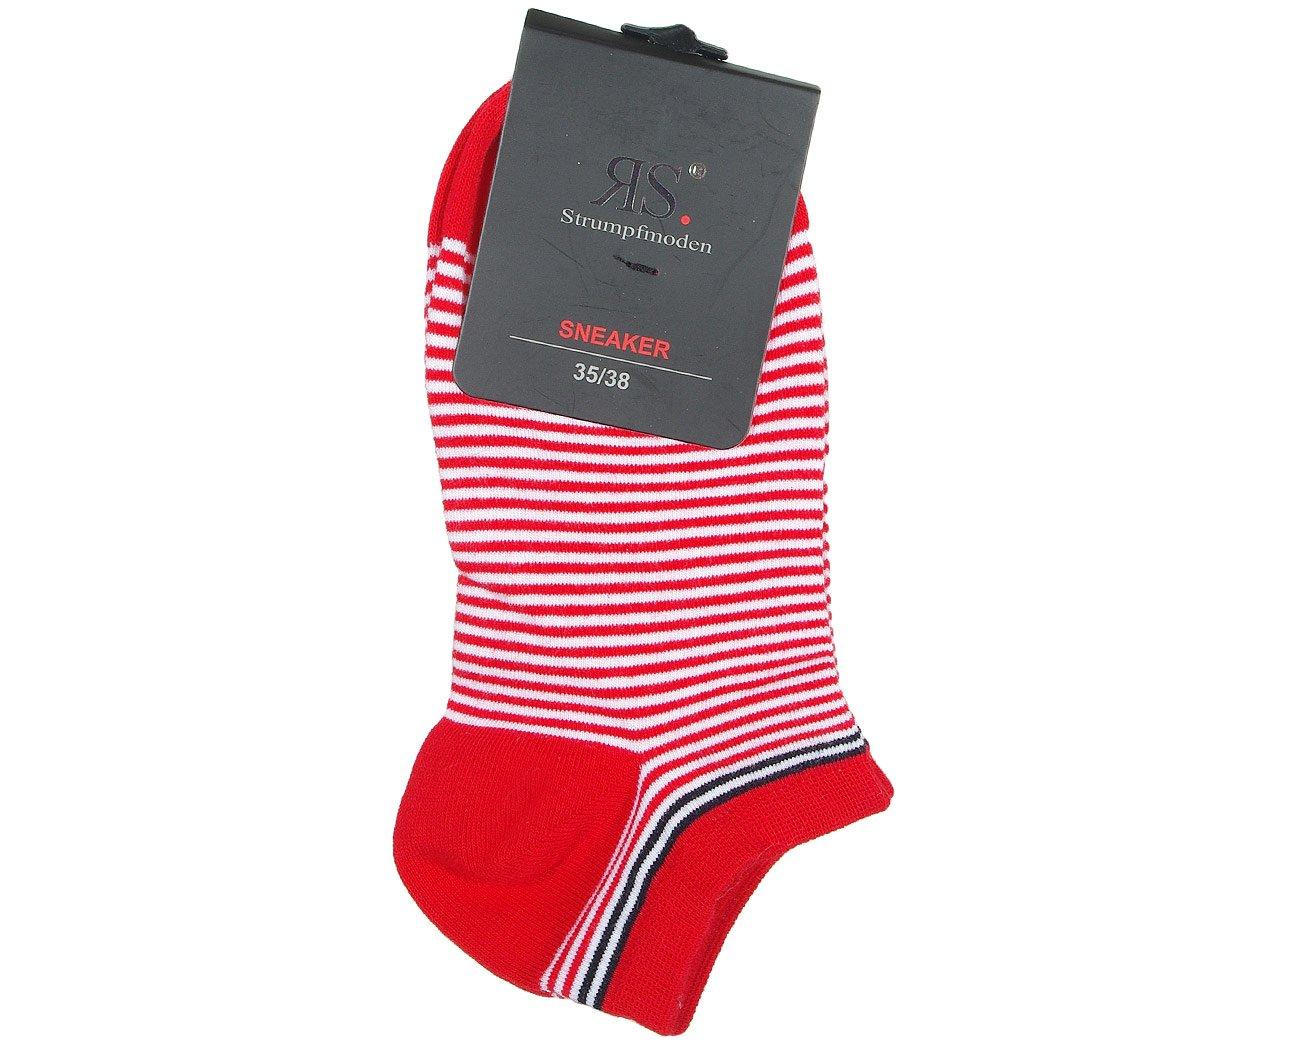 RS 15317 Sneaker Linie stopki damskie czerwony/biały